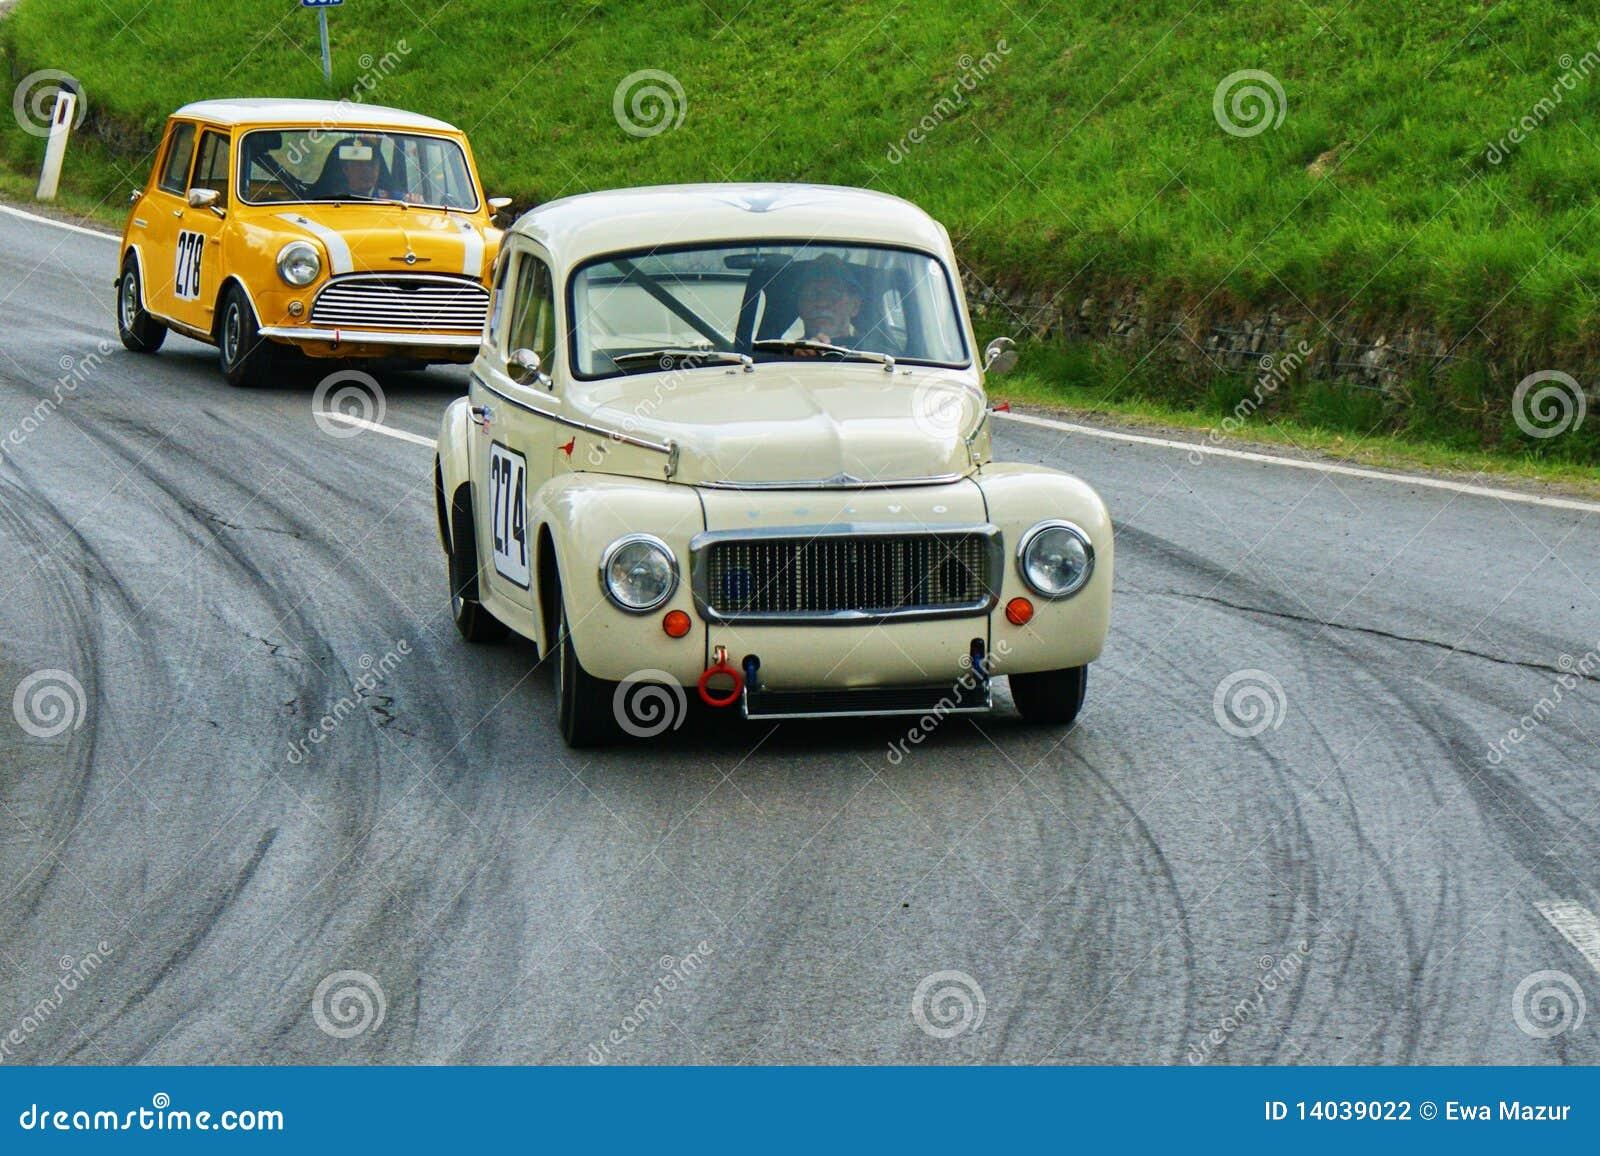 Rally Rennen